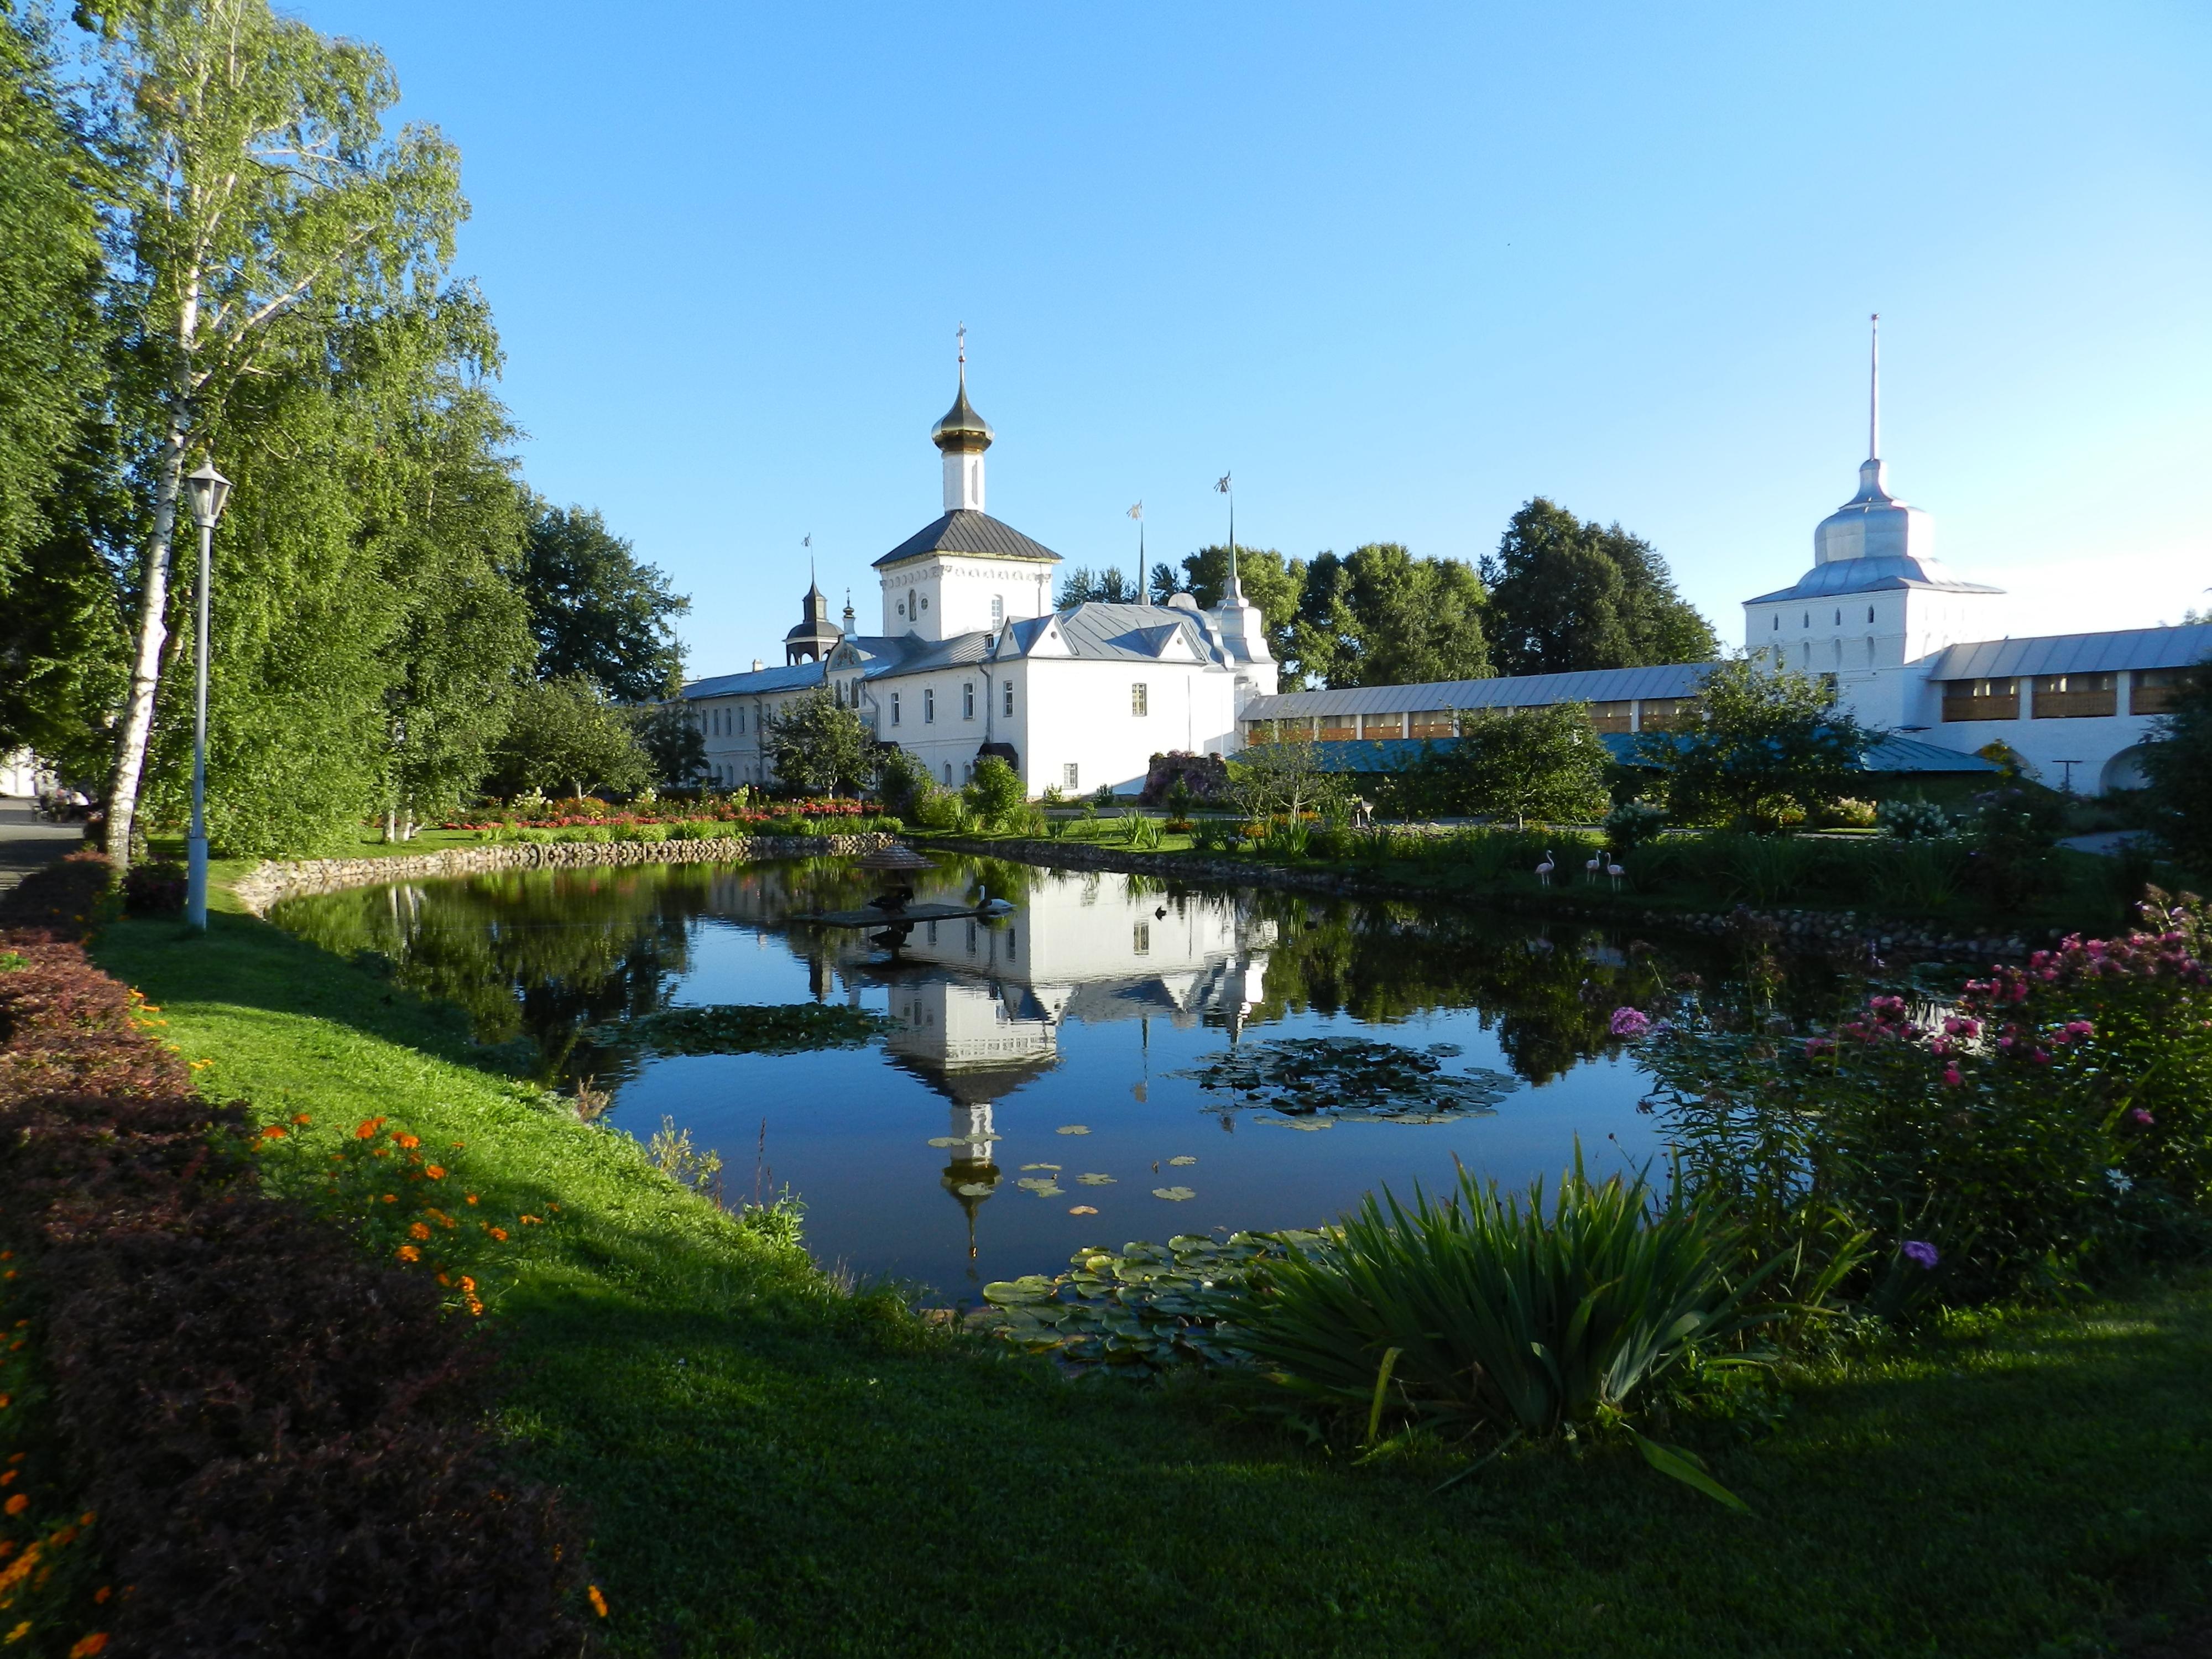 Толгский монастырь регент показать фото